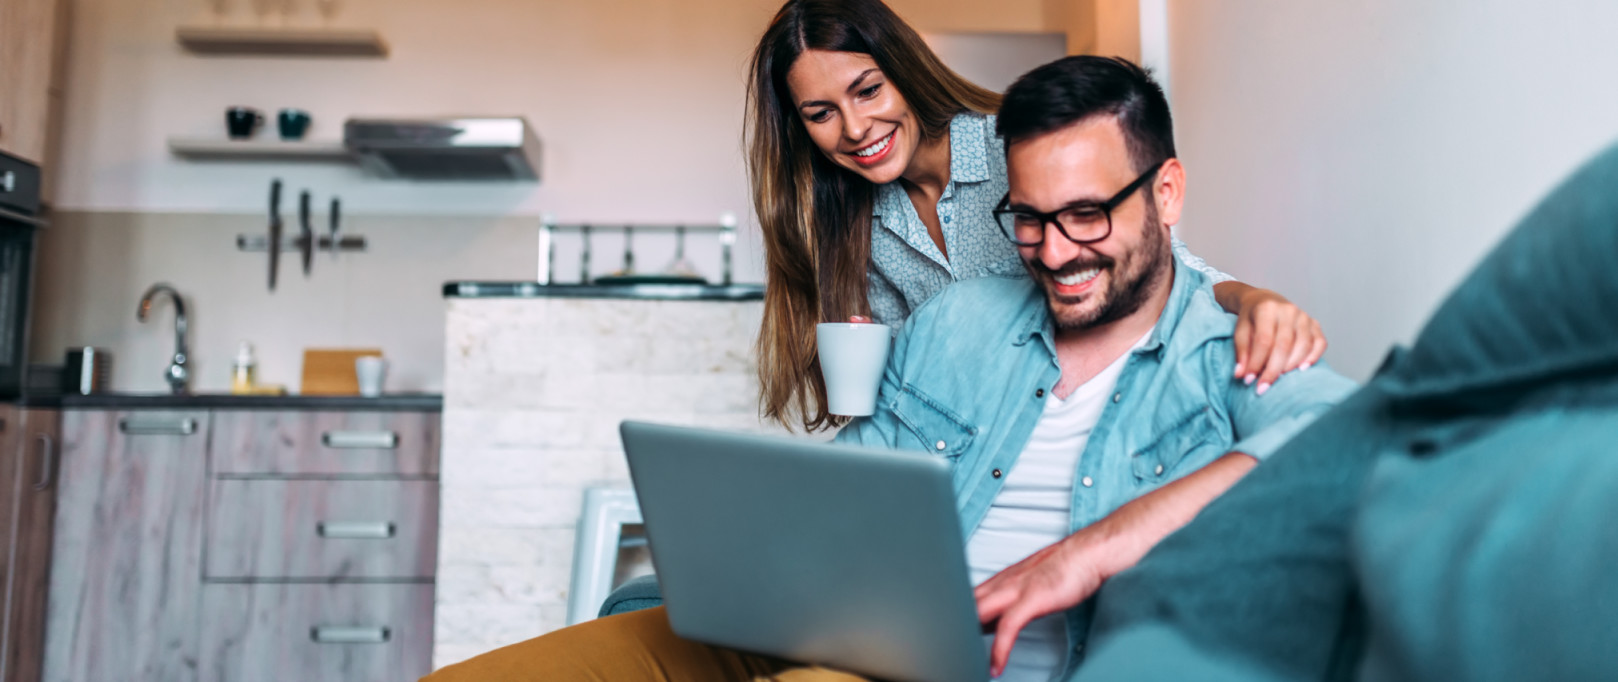 Online Auto Loans near Buffalo, NY